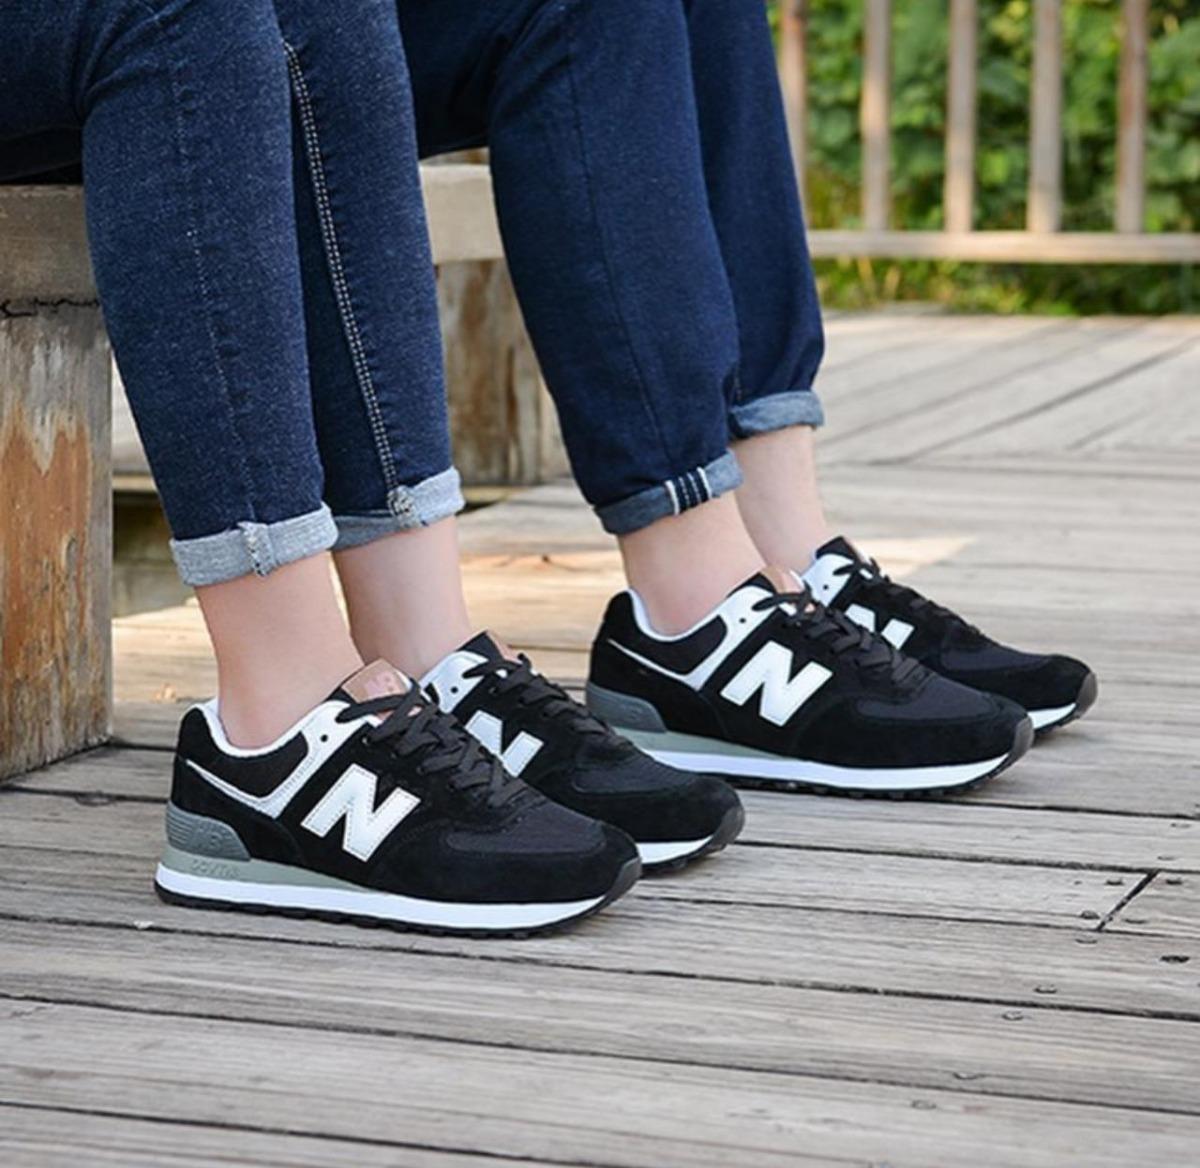 Tenis Zapatillas New Balance 574 Hombre Mujer Envio Gratis